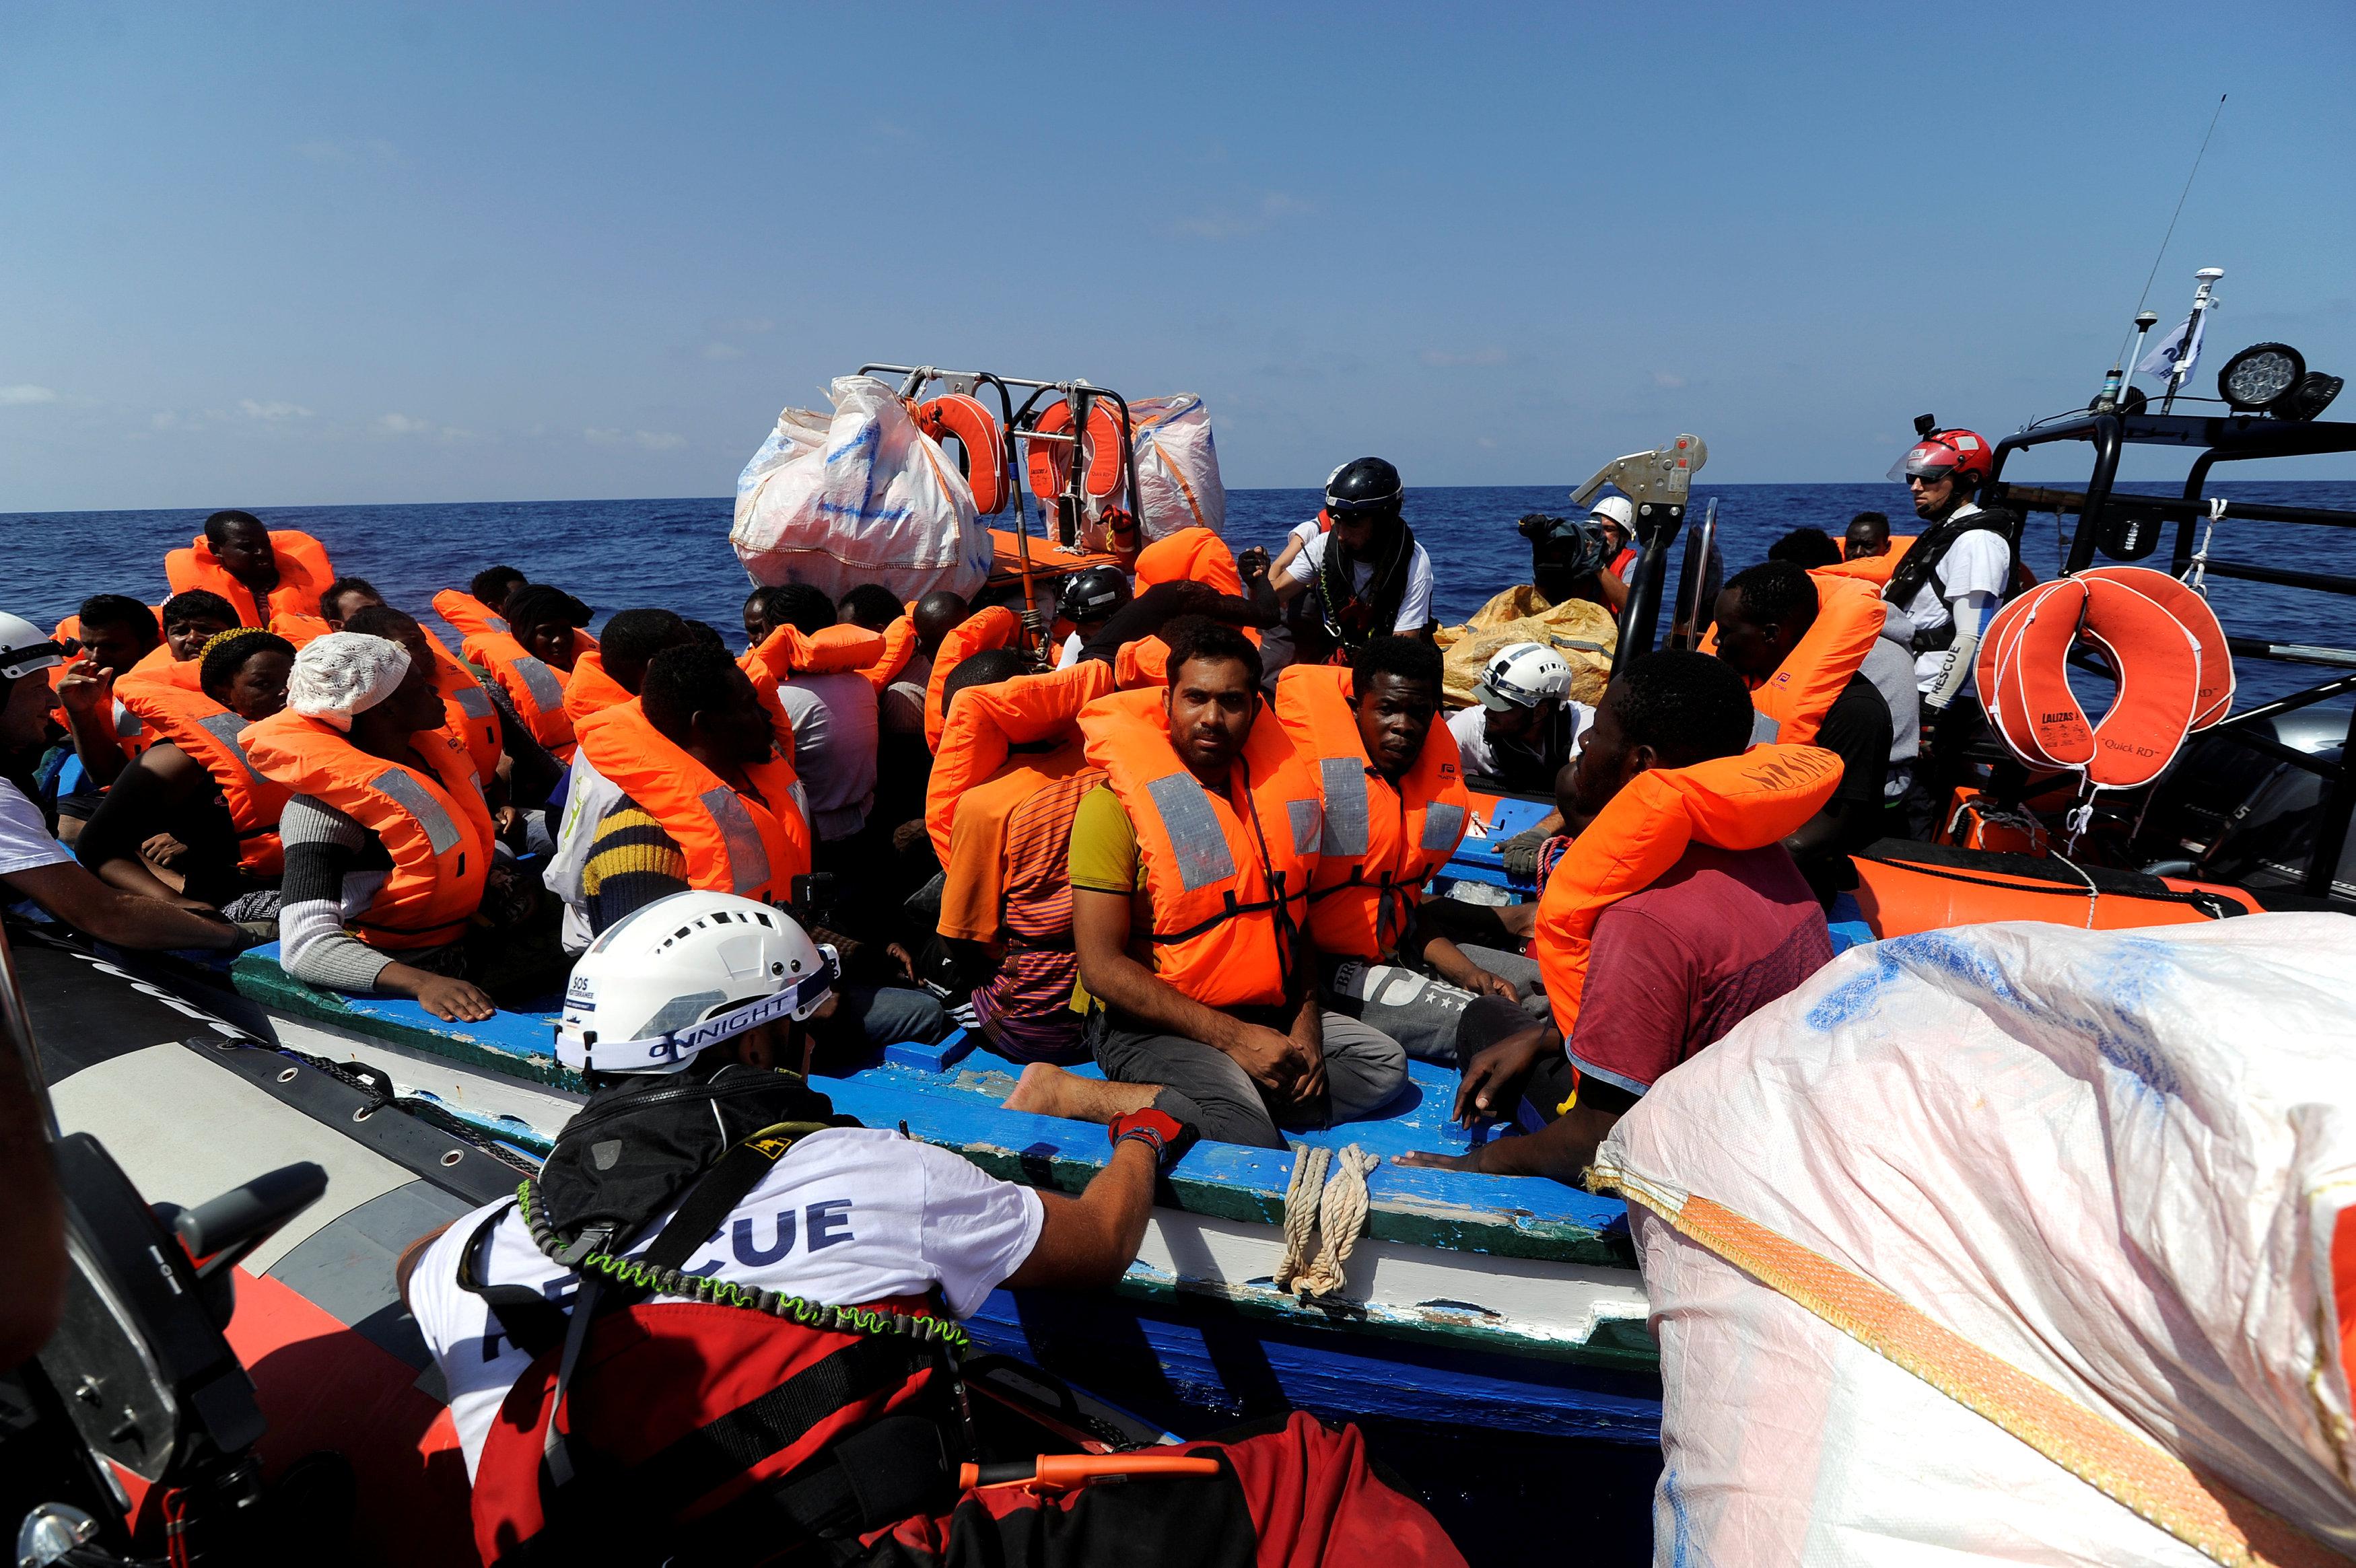 المهاجرين قبل نقلهم على سفينة الانقاذ